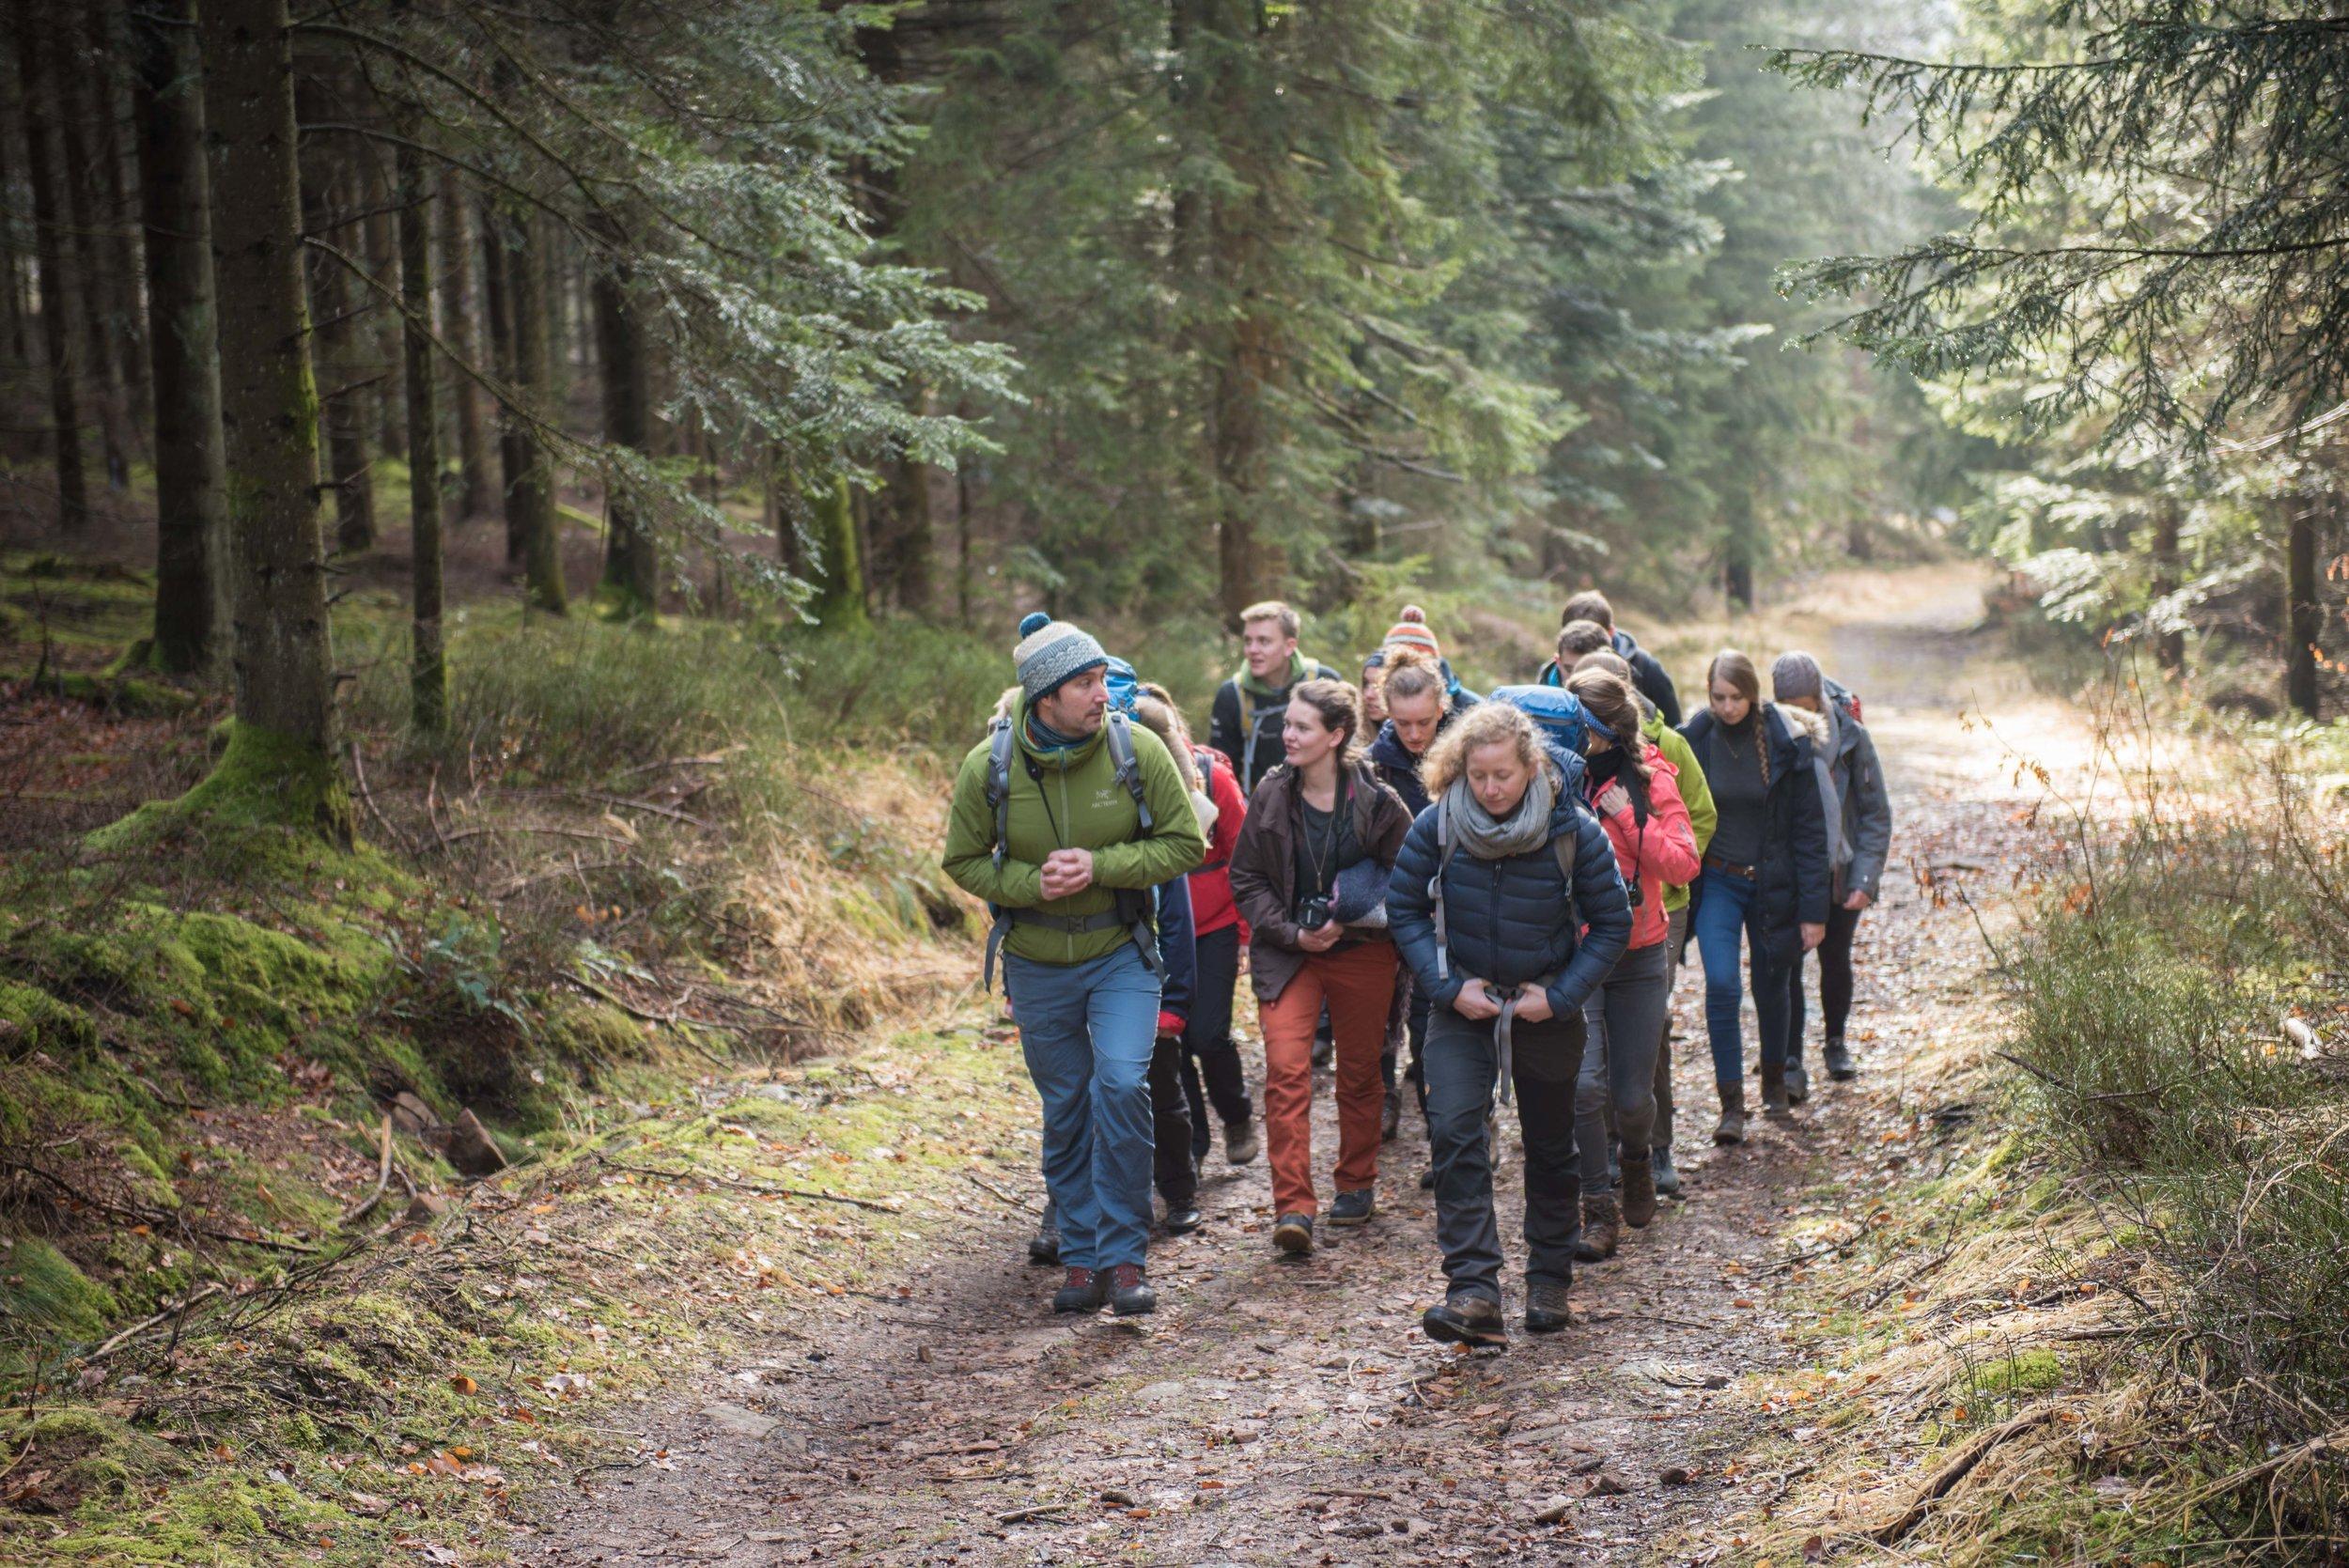 Unterwegs mit Wildnispädagogen des Nationalparks.